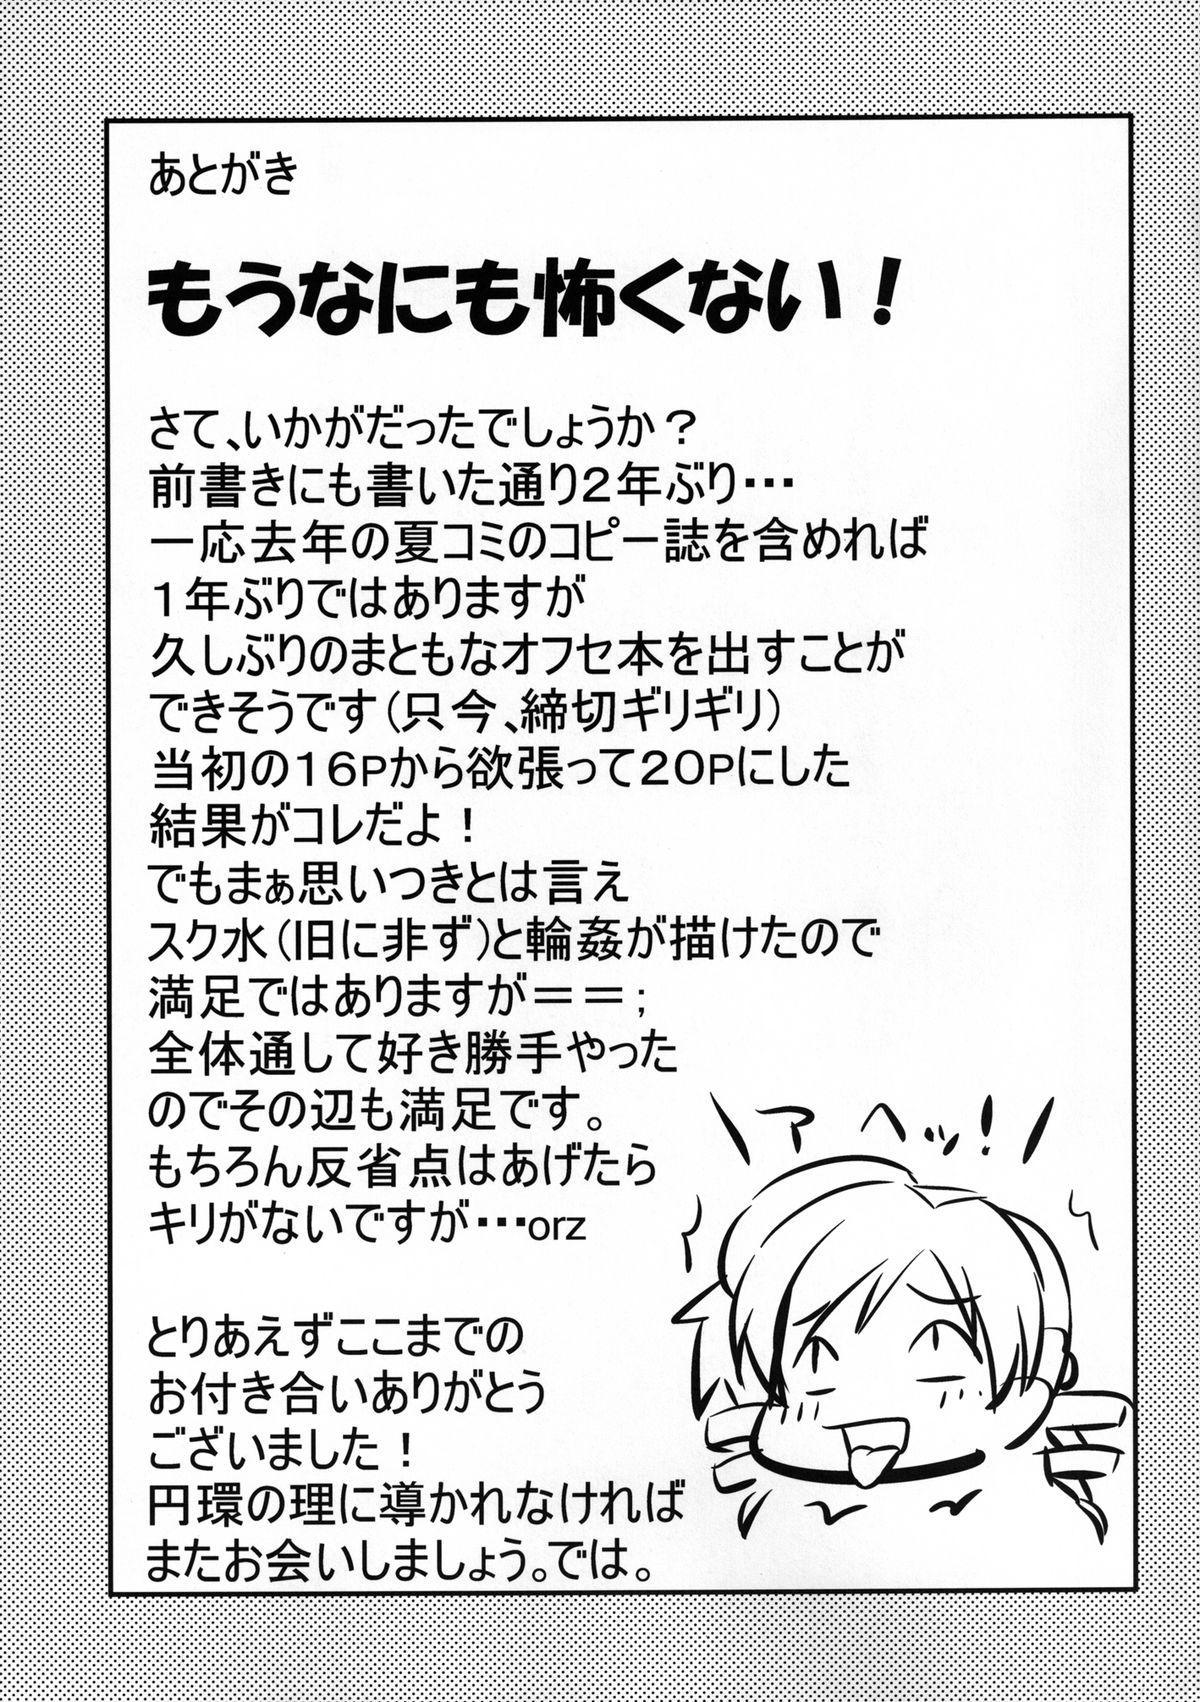 Mahou Shoujo Tomoe Bitch 23